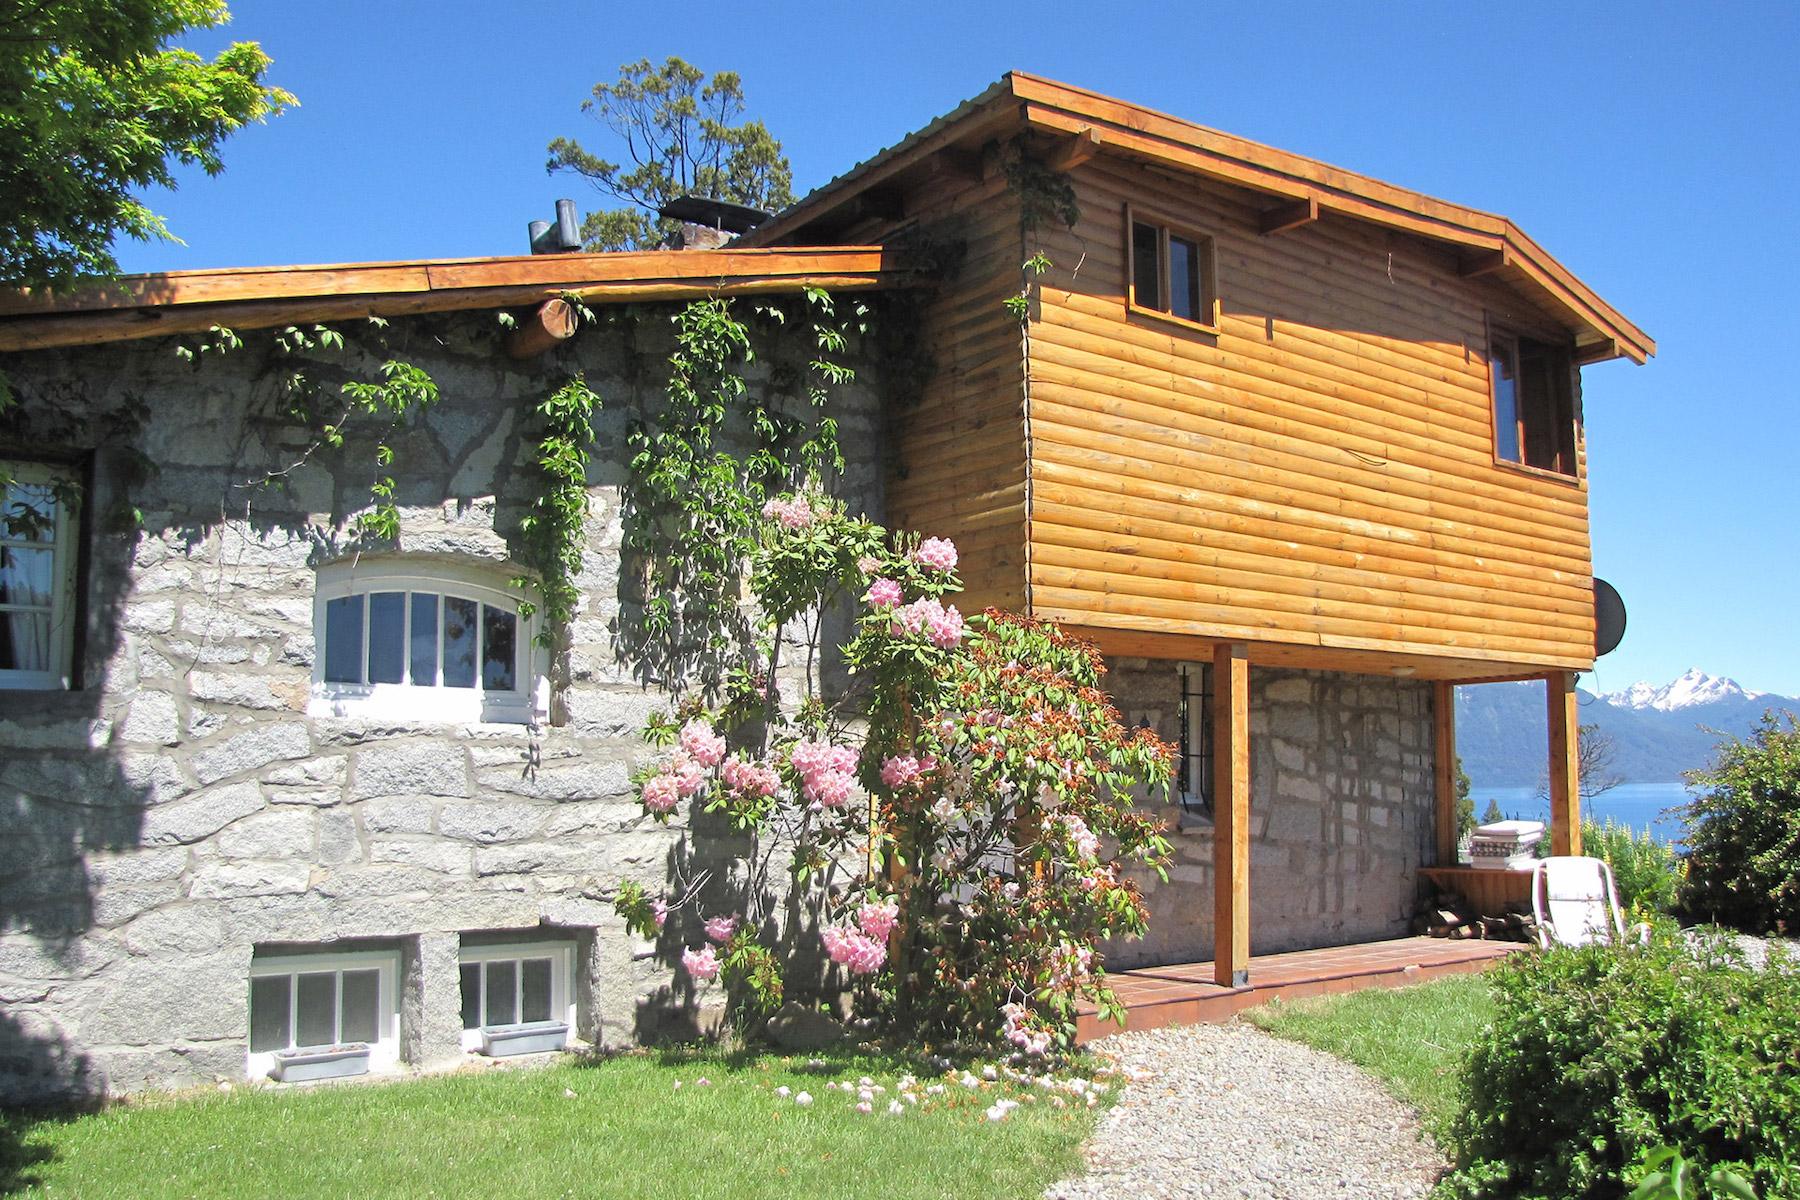 Casa Unifamiliar por un Venta en Puerto Tabla San Carlos De Bariloche, Rio Negro, Argentina